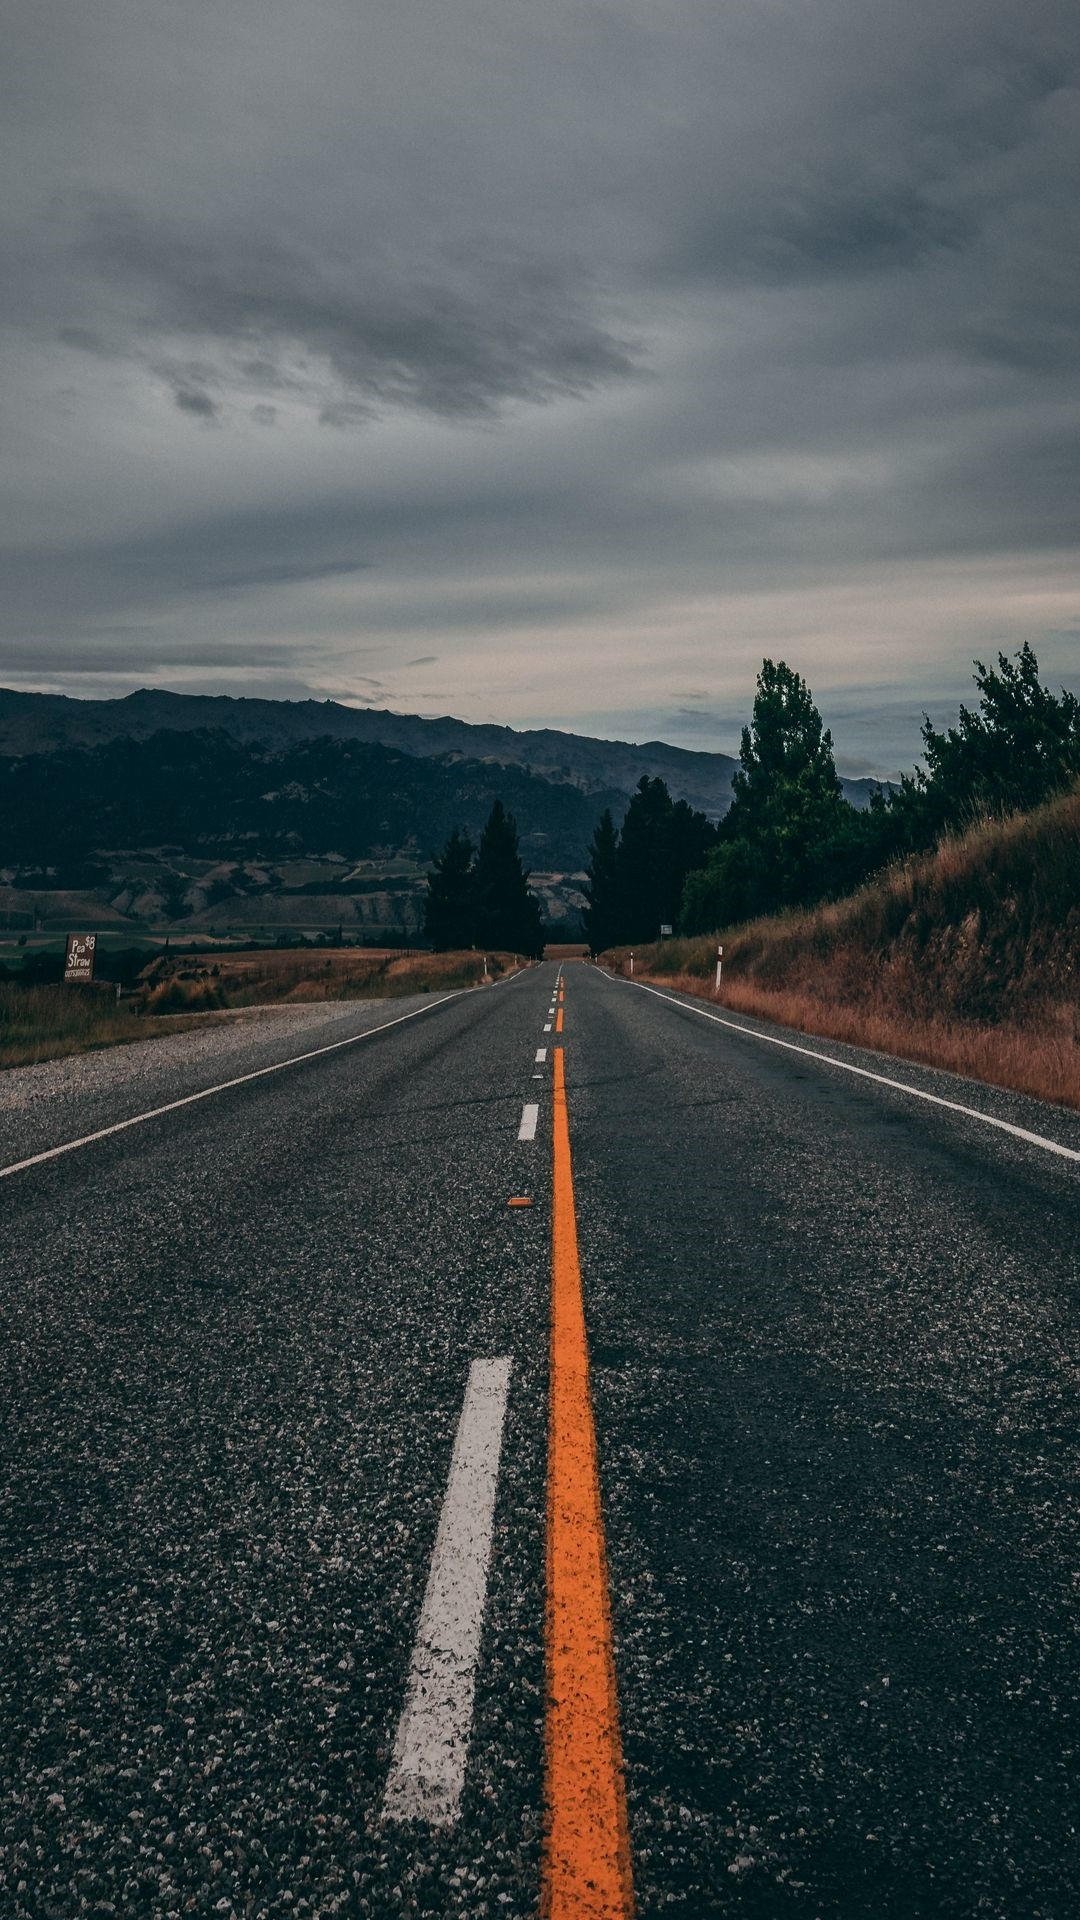 Road screensaver wallpaper